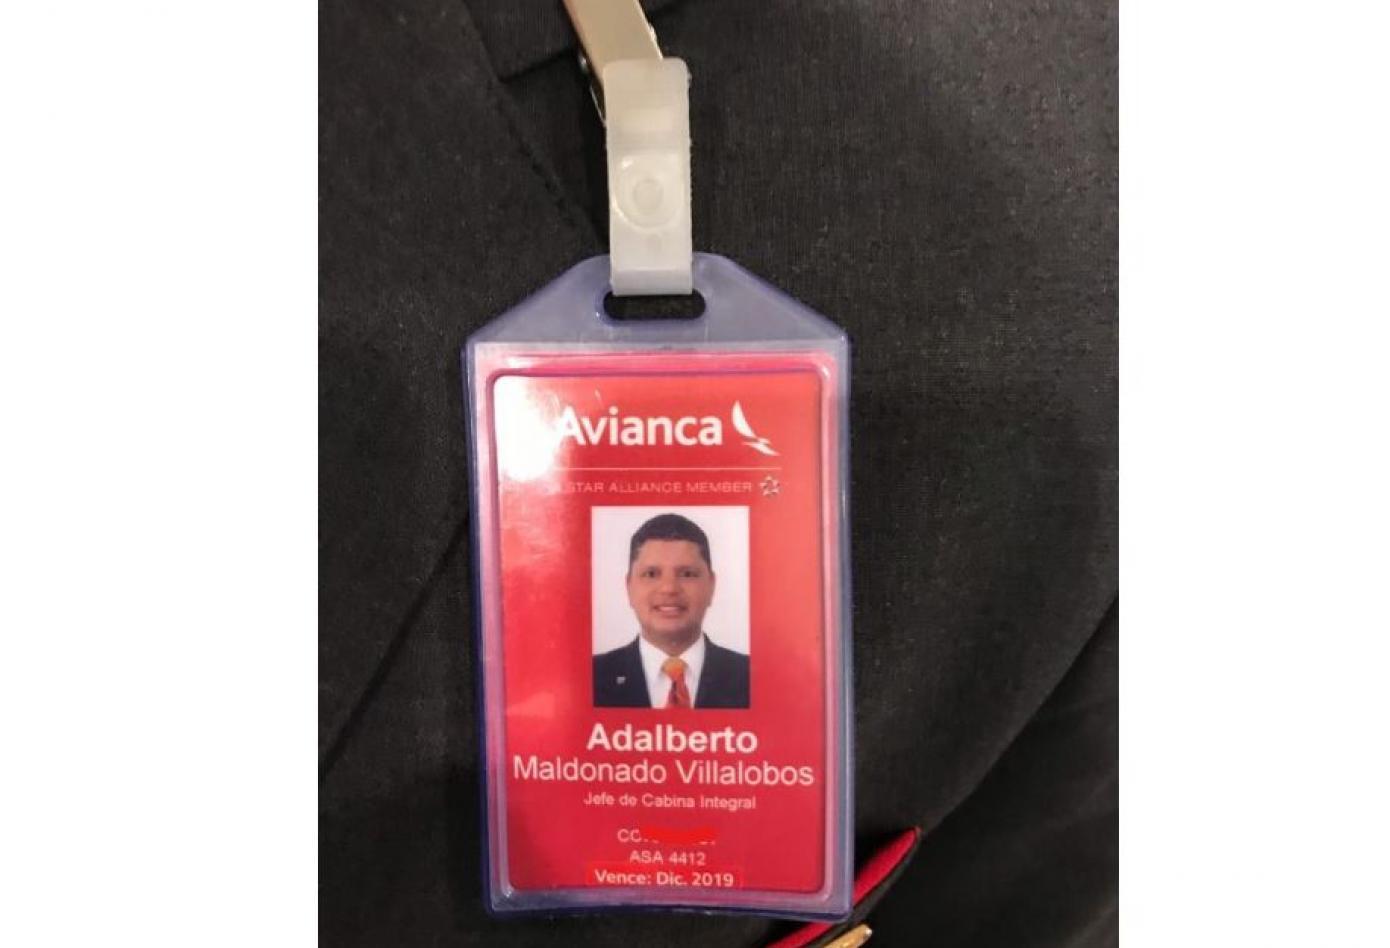 Capturan a presunto jefe de cabinas de Avianca con cocaína en España